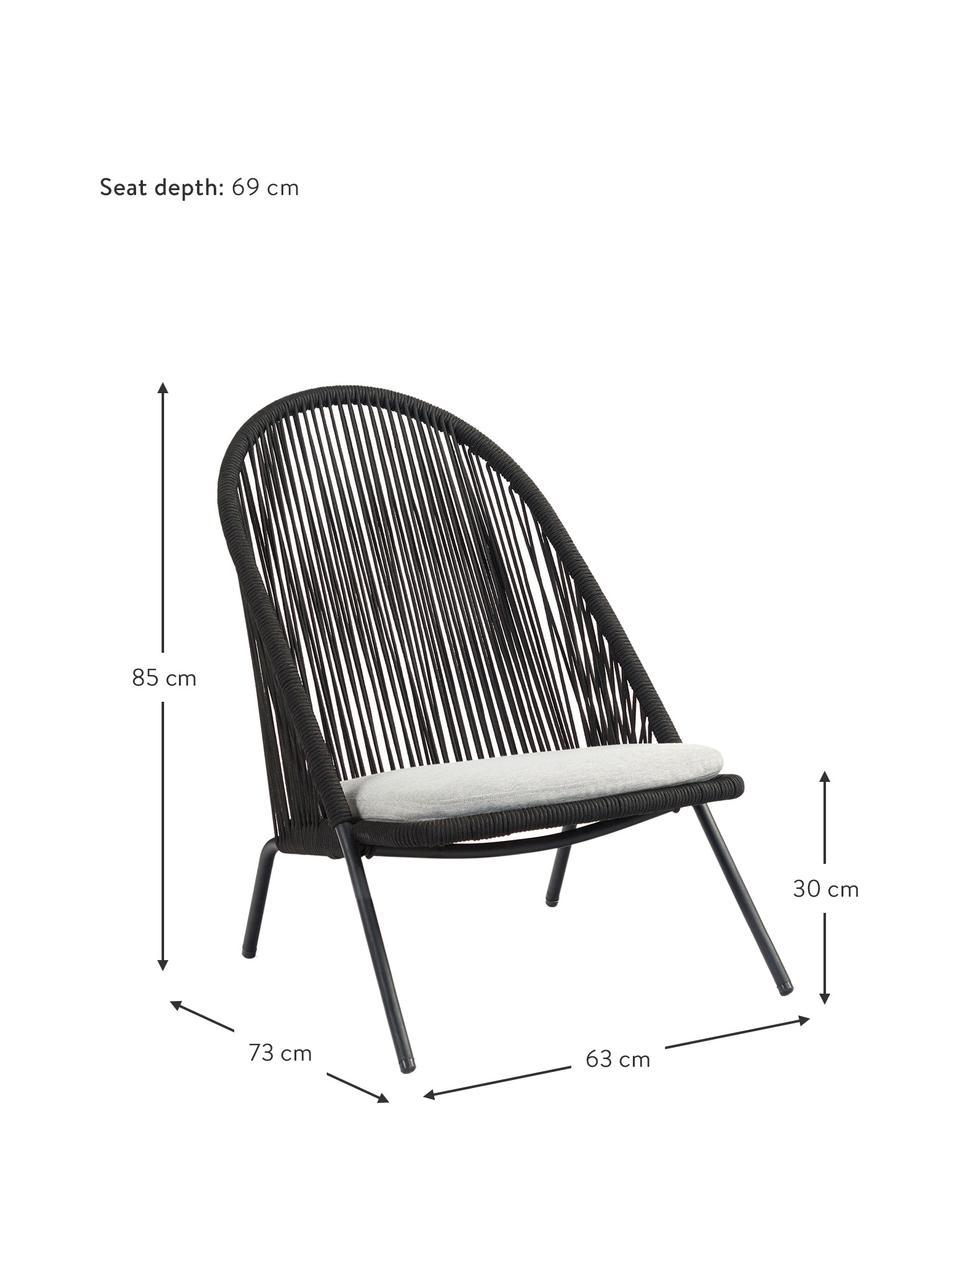 Sessel Shann mit Kunstgeflecht, Sitzfläche: Polyethylen-Geflecht, Gestell: Metall, pulverbeschichtet, Schwarz, Hellgrau, B 63 x T 73 cm